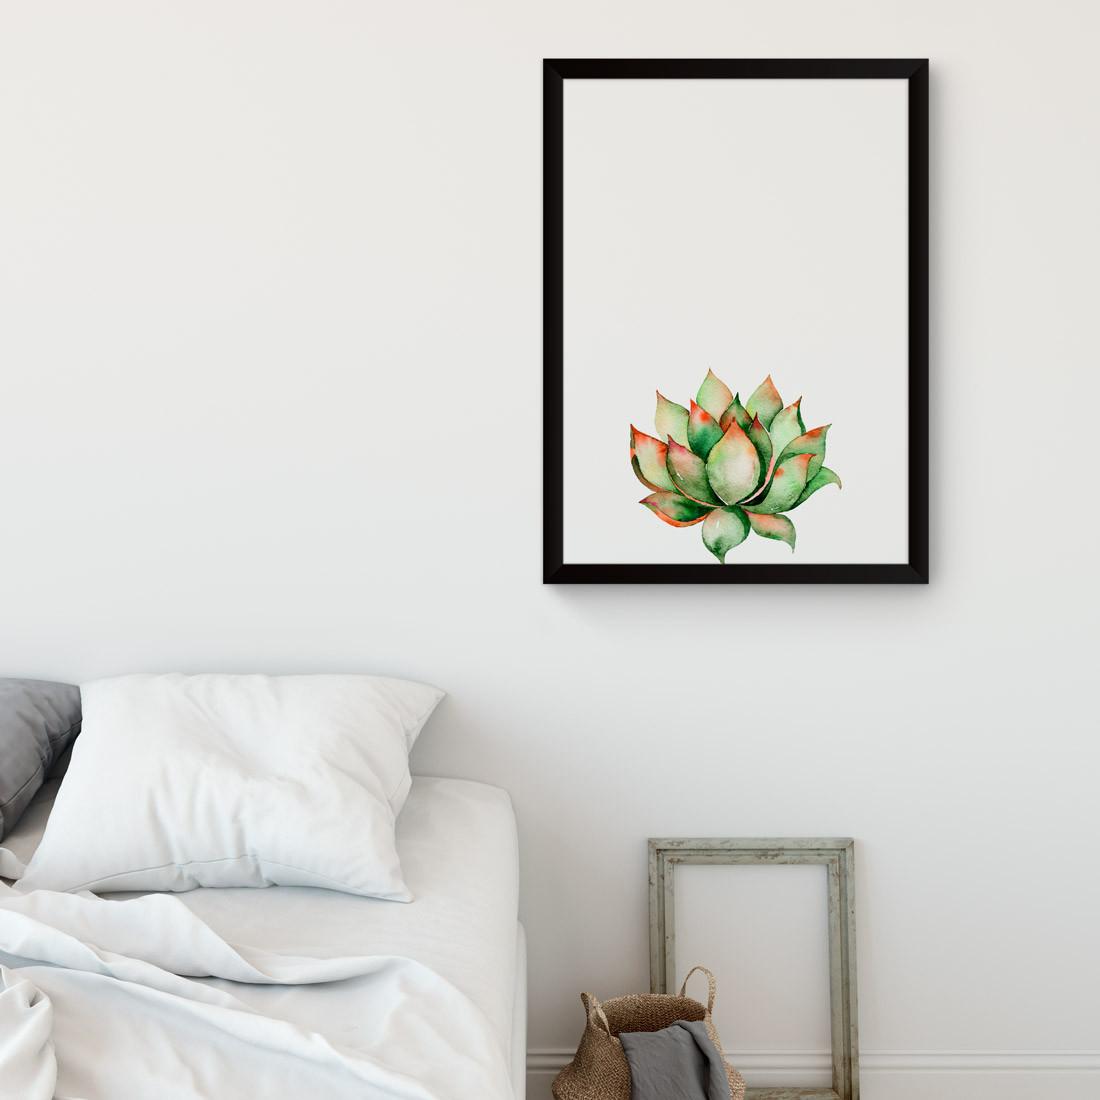 Quadro Decorativo Planta Suculenta